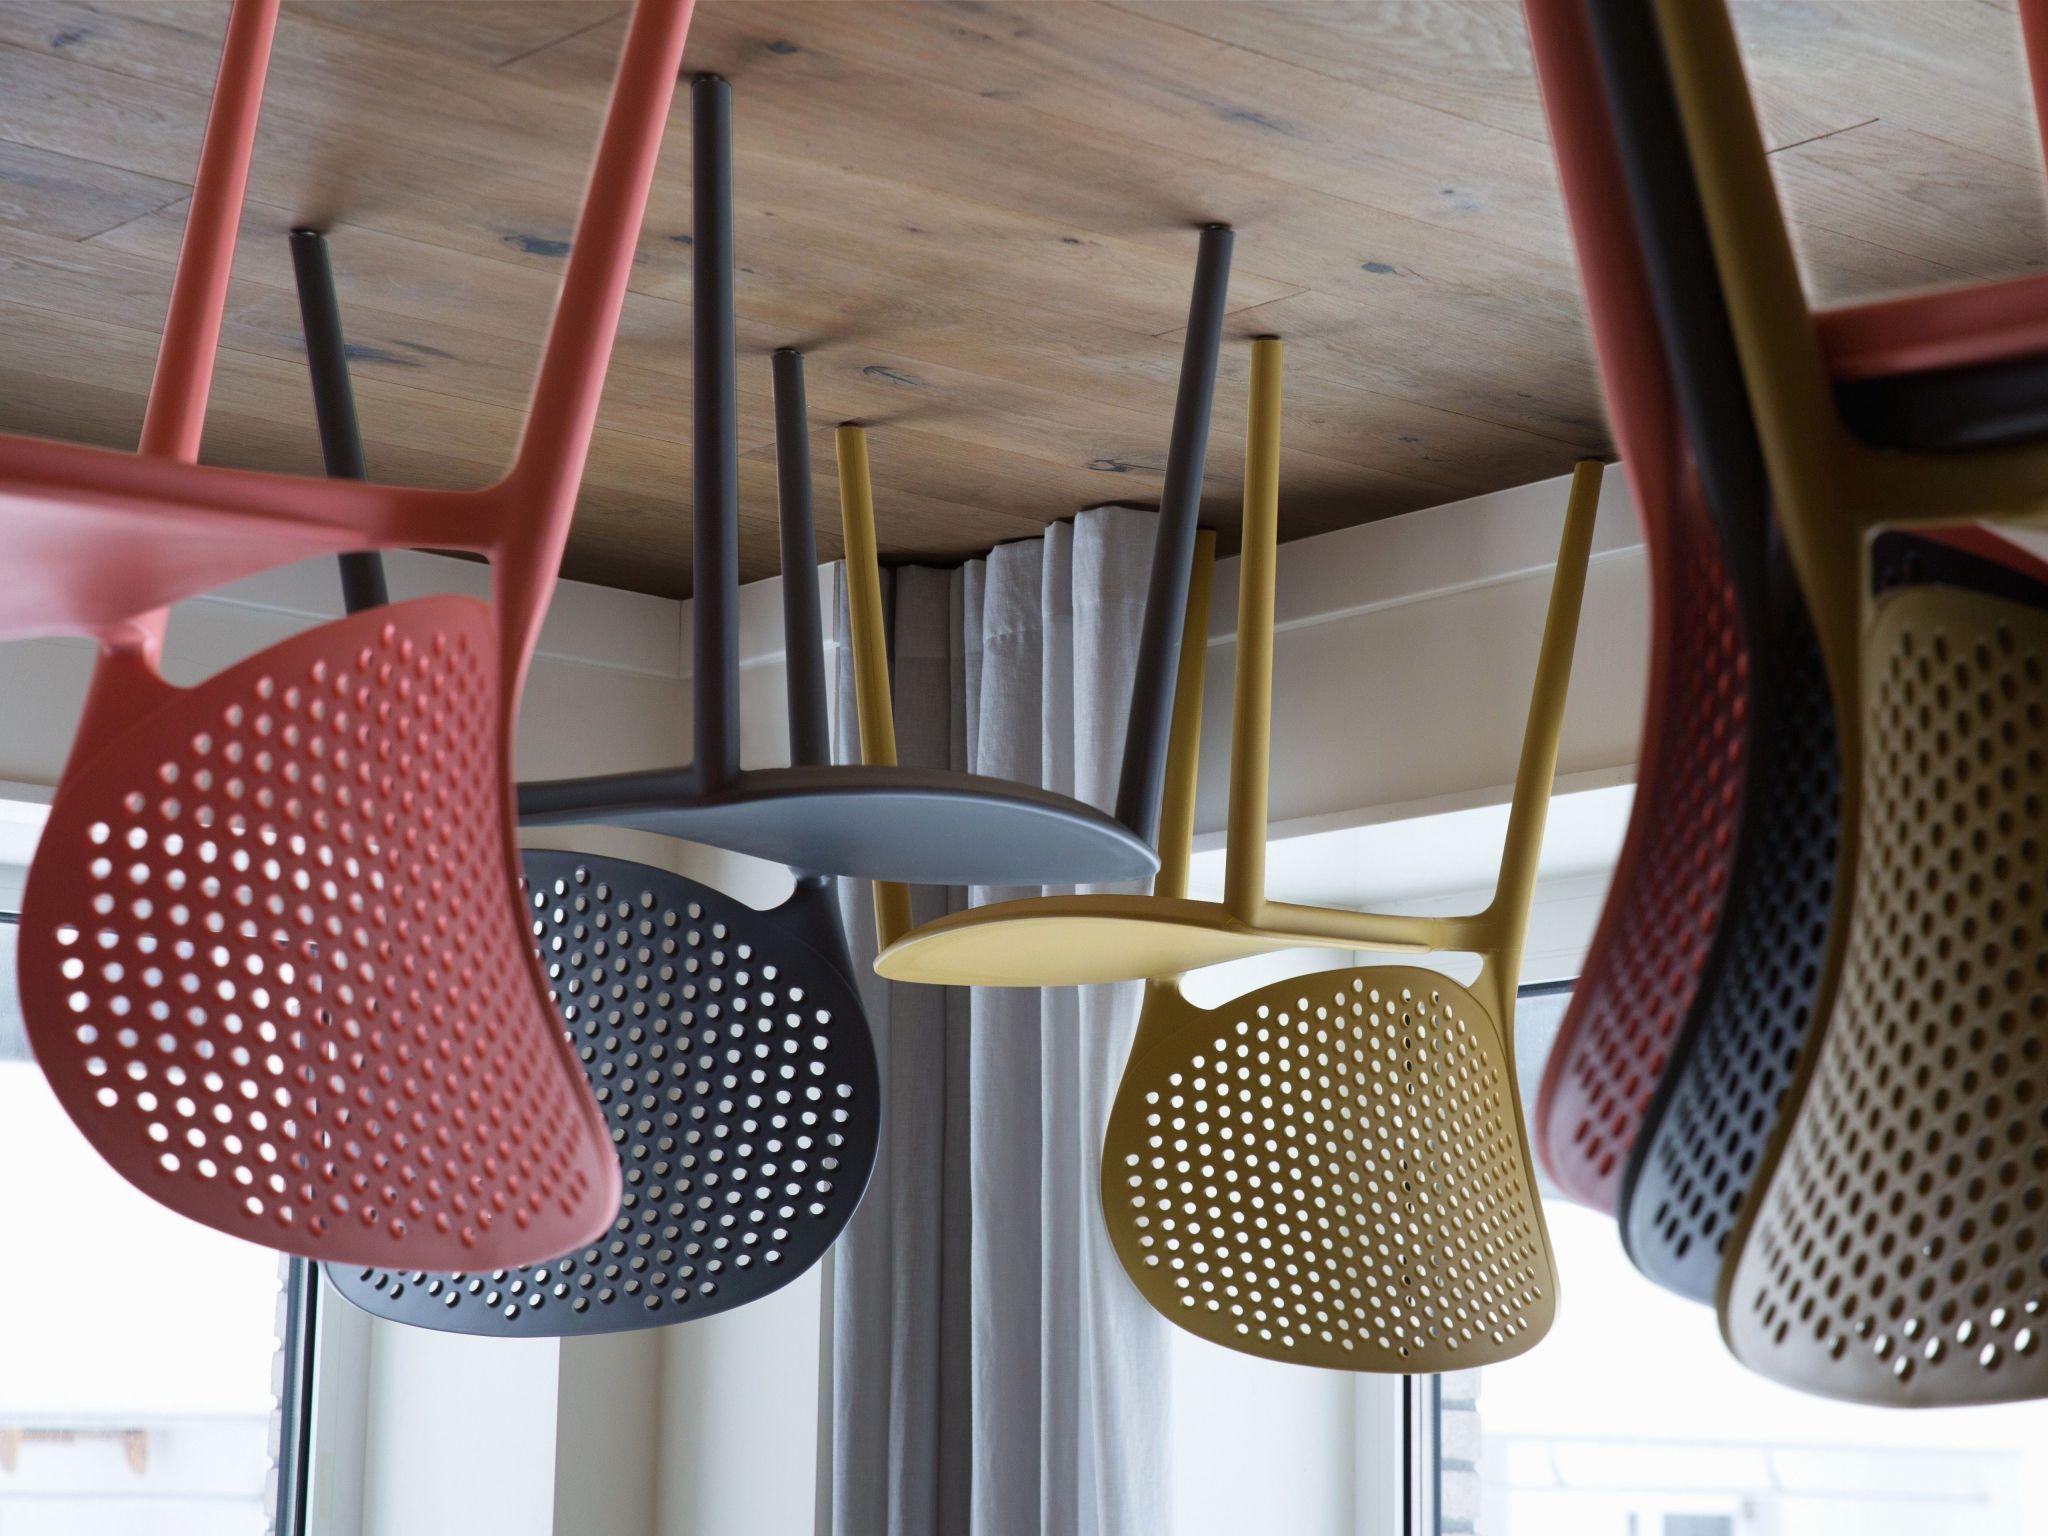 Chaise Longue Jardin Design De Impressionnant Chaise De ... dedans Table Et Chaise De Jardin Design